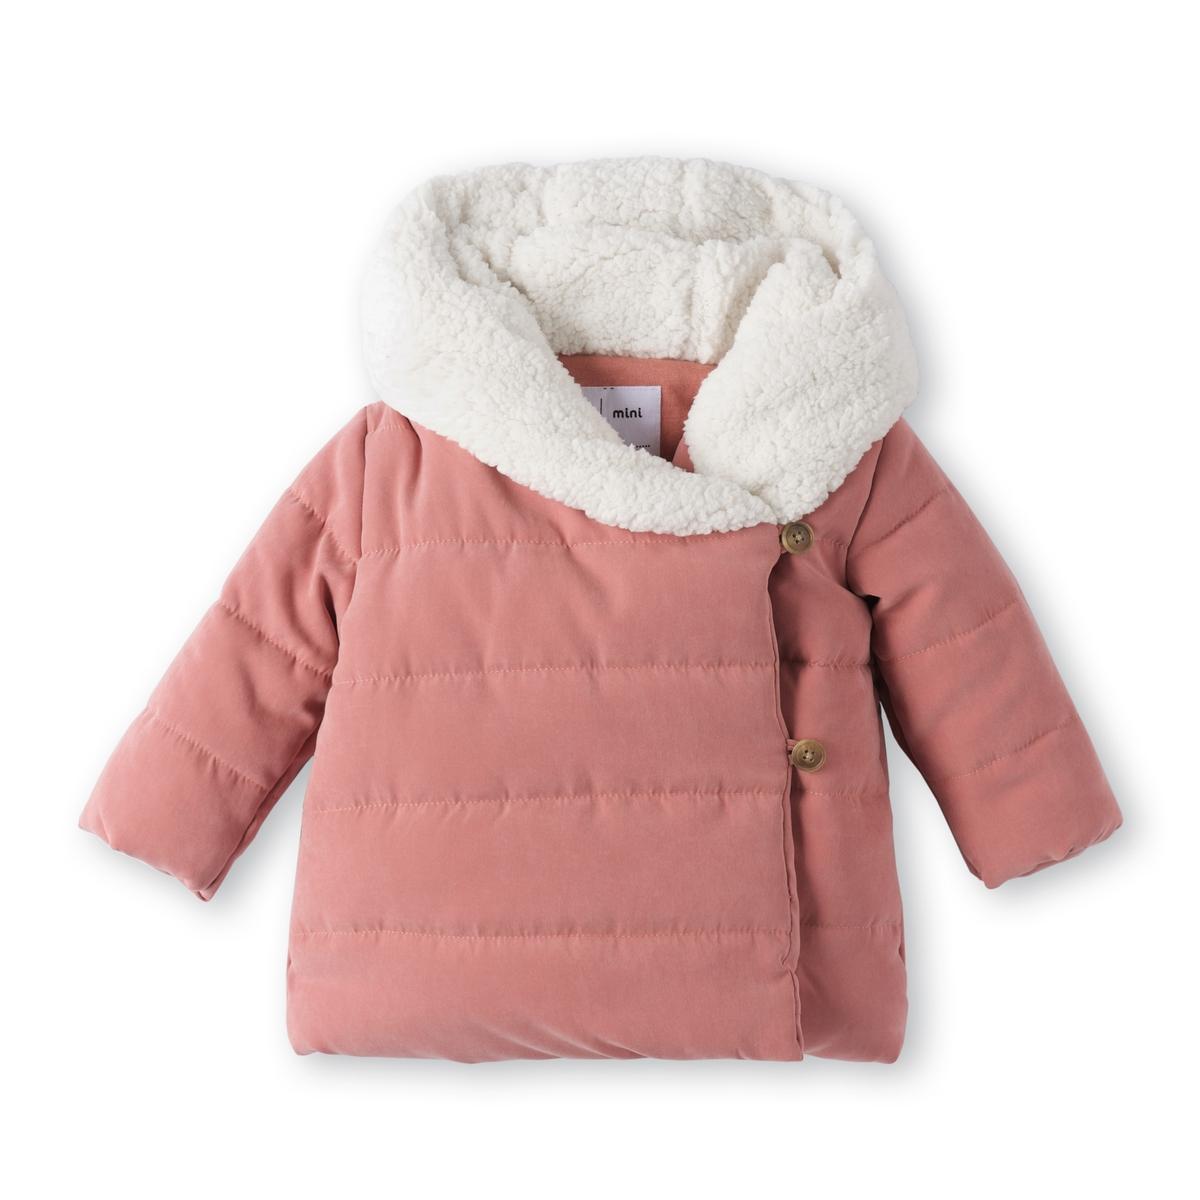 Стеганая куртка с капюшоном, 1 месяц - 3 года